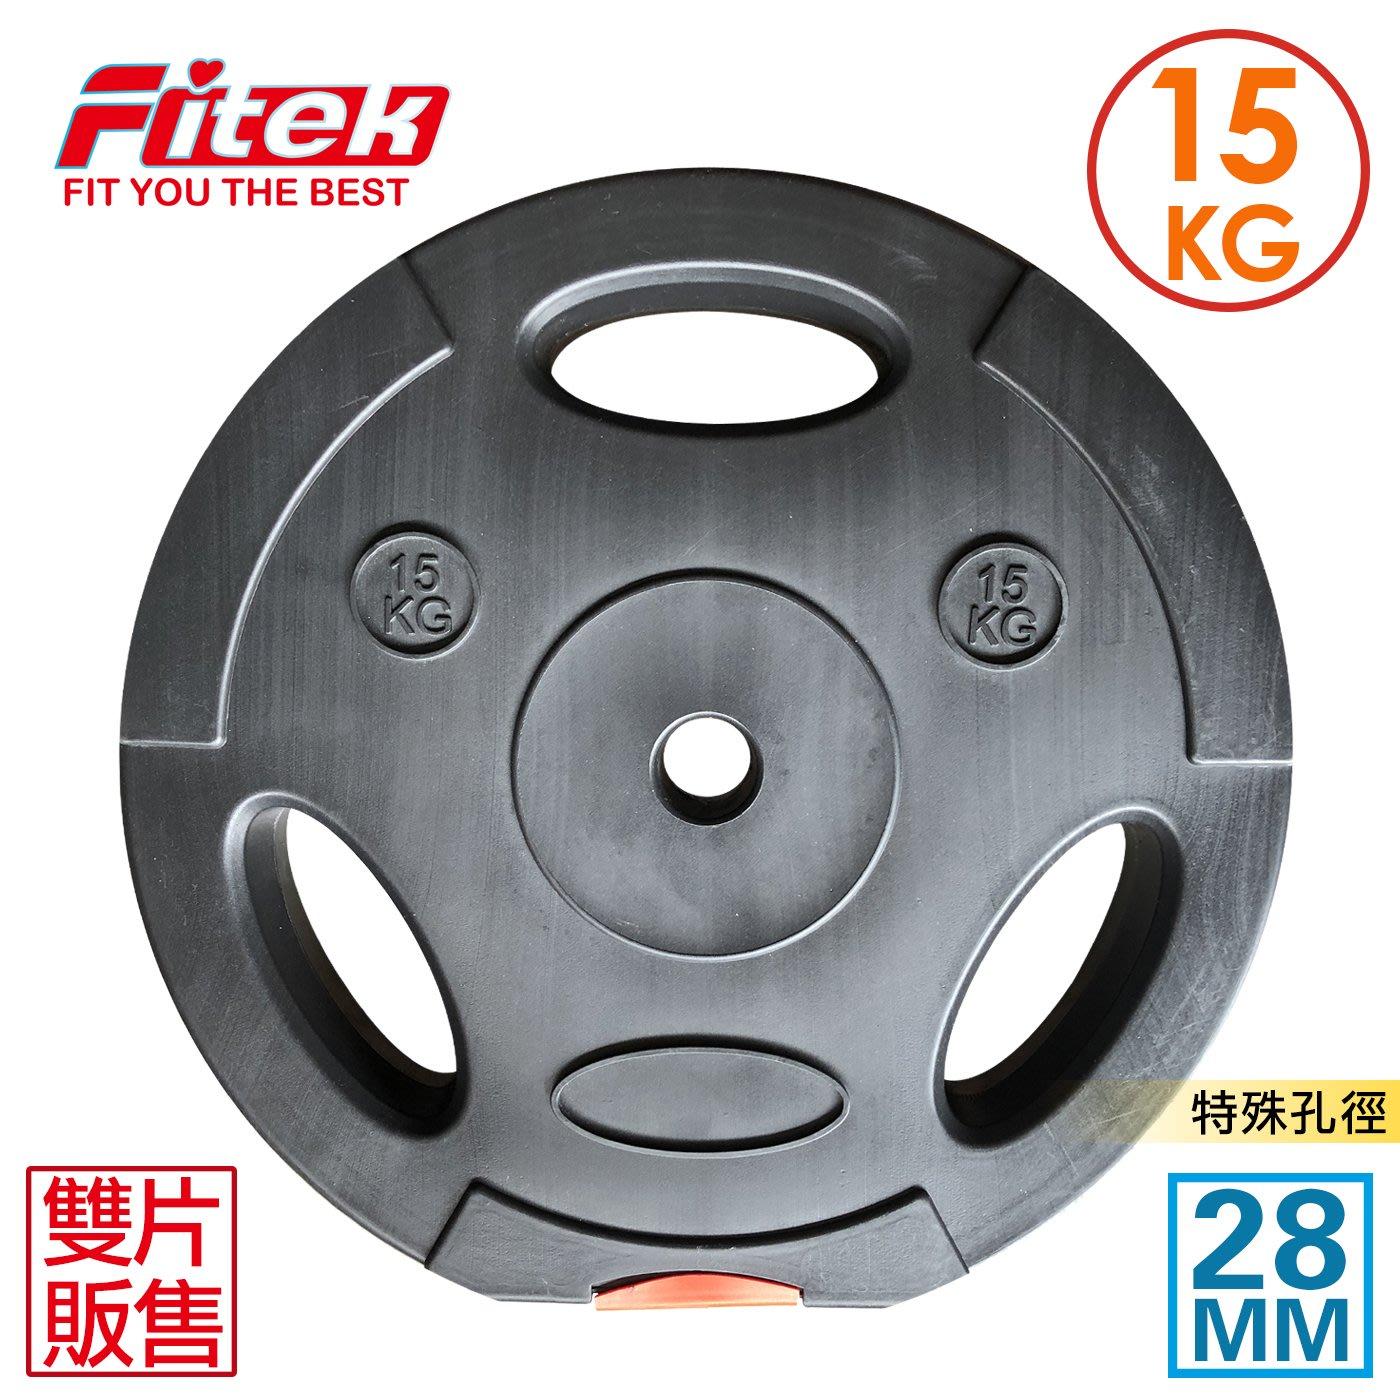 【Fitek健身網】迪O濃長和短槓適用/15KG*2片三孔槓片/適用孔徑28MM至30MM以下/15公斤水泥槓片*2片